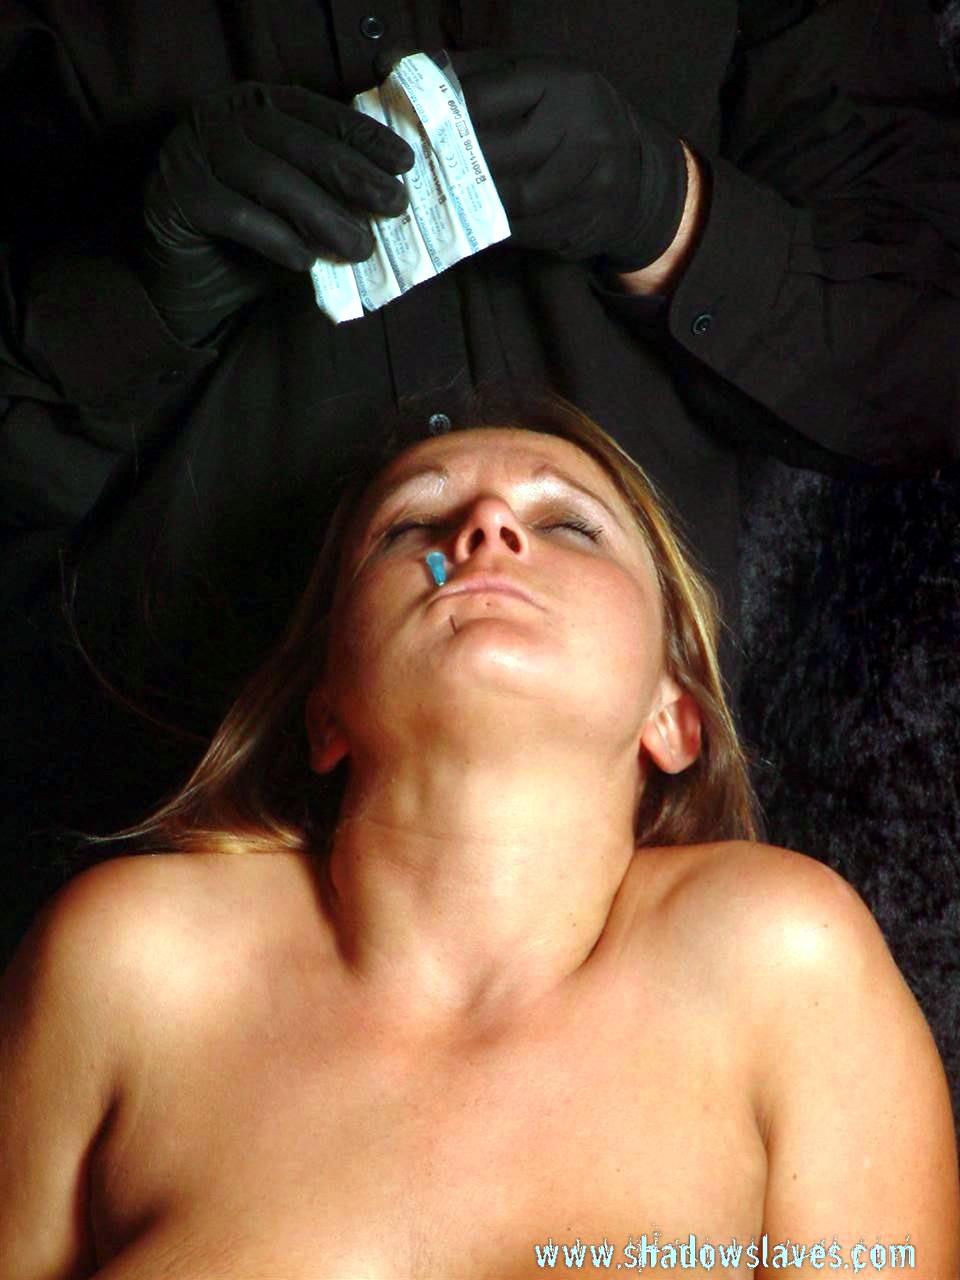 bdsm strafen sex abenteuer